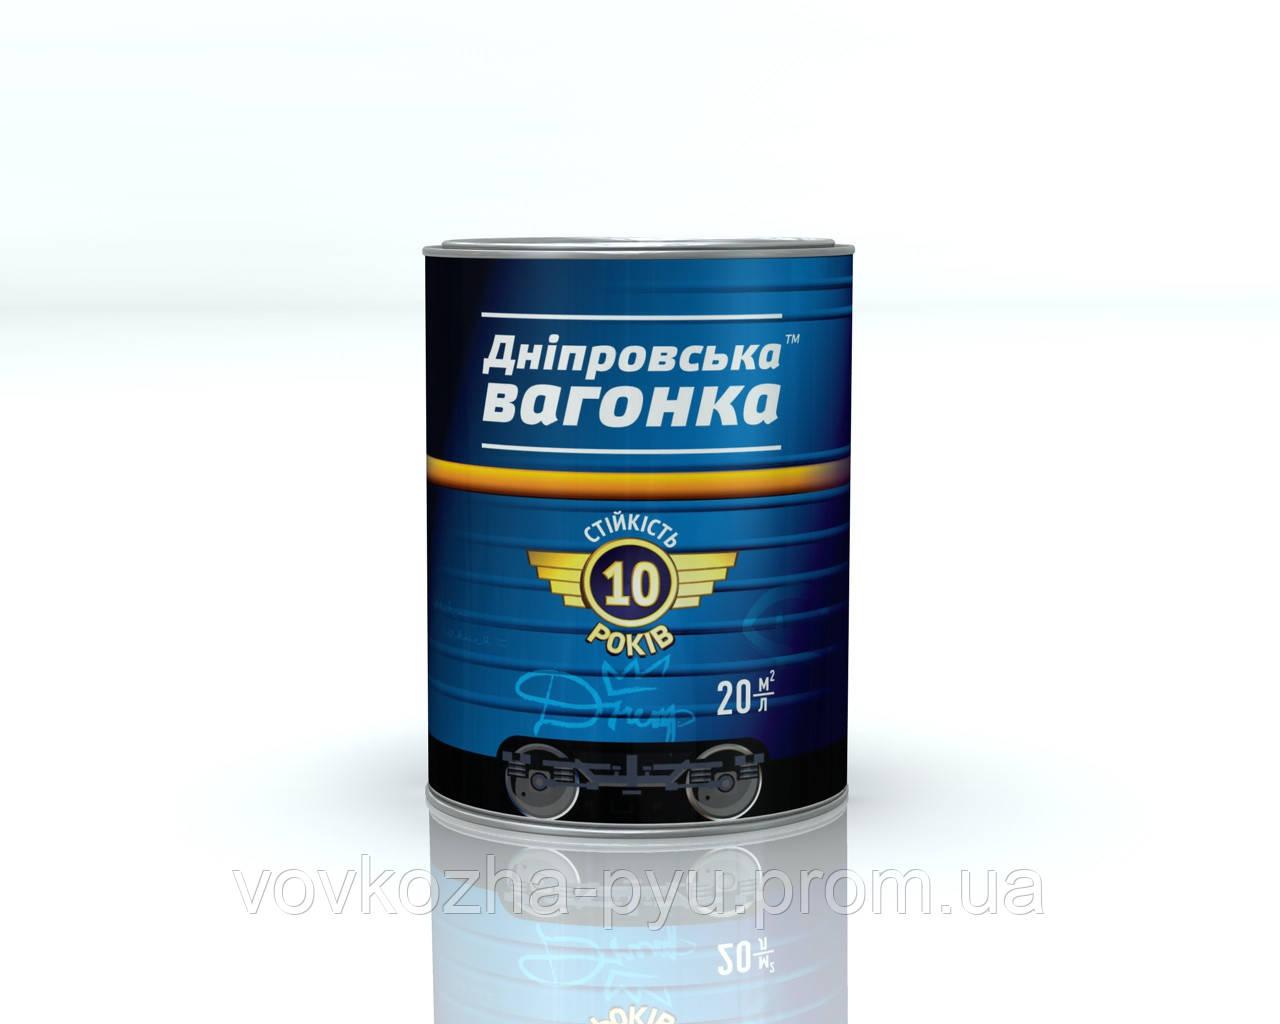 Эмаль Днепровская Вагонка ПФ-133 вишневый лак 0.25 кг